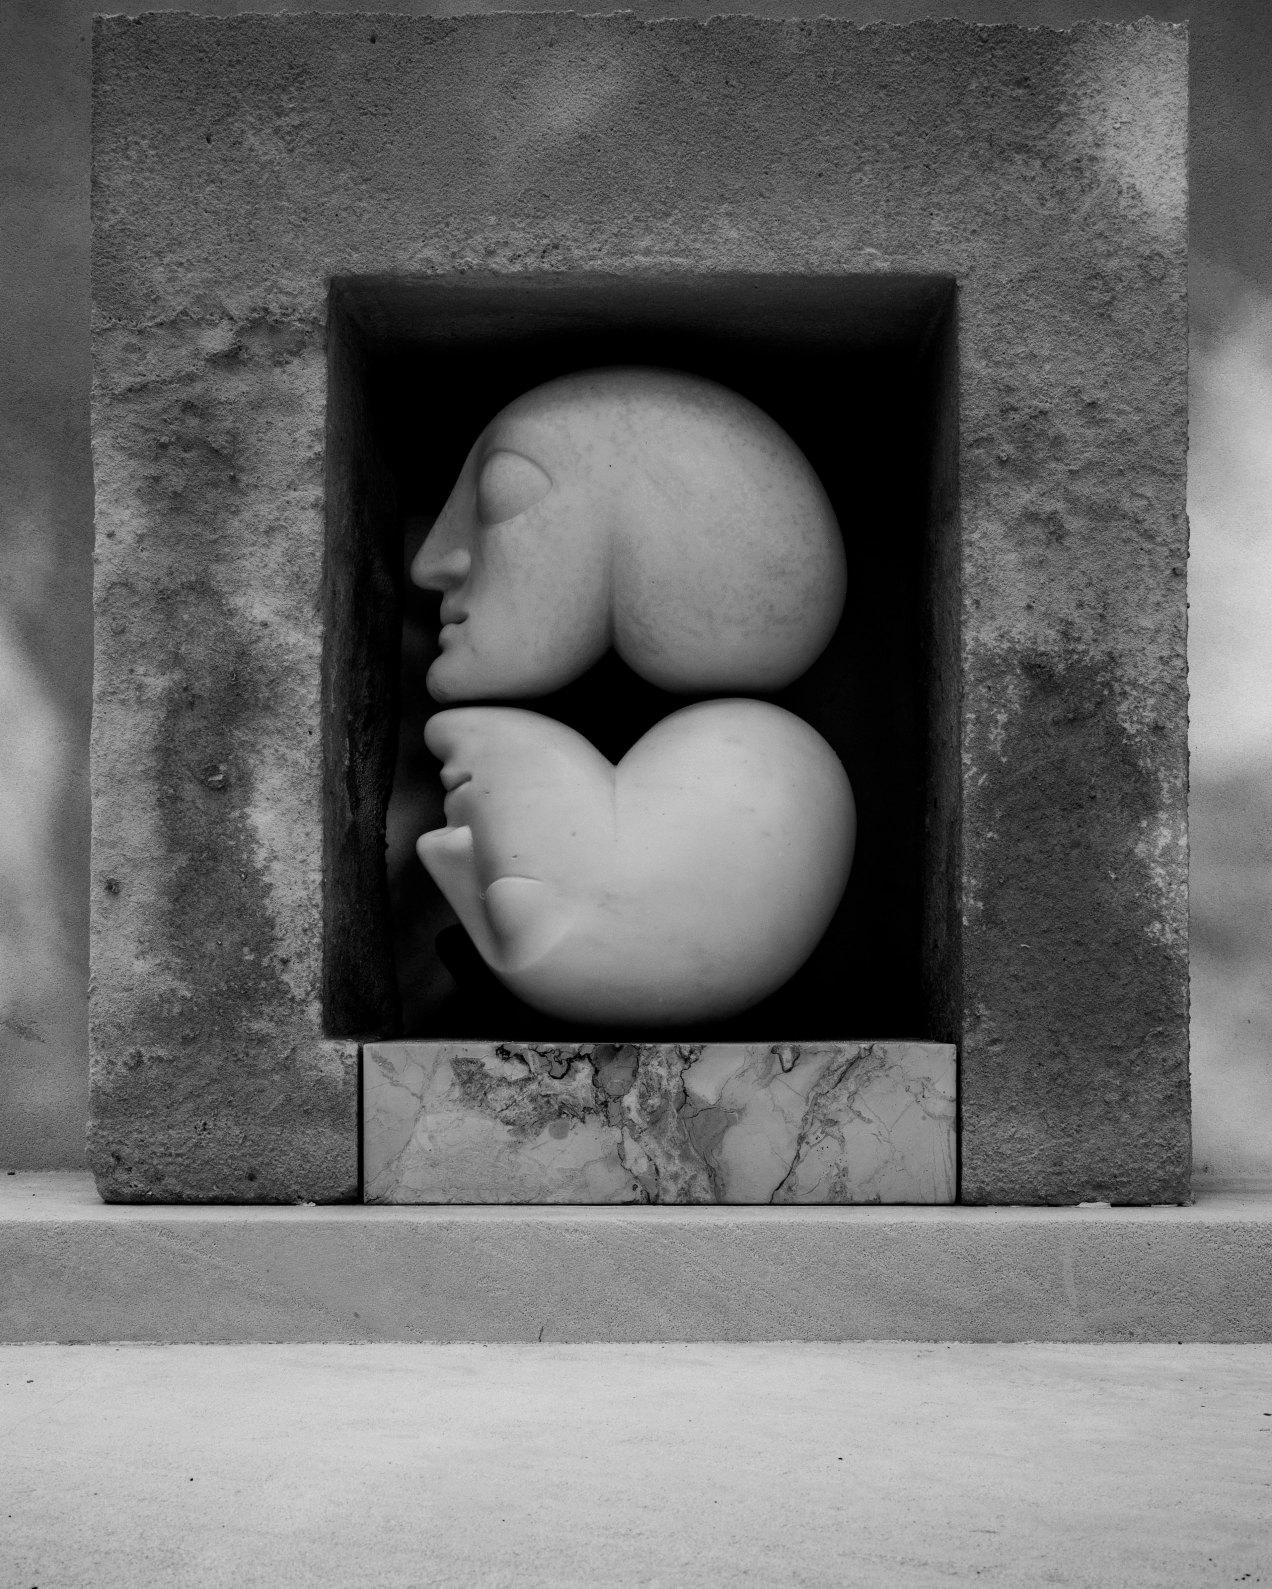 Sépulture de Victor Brauner, cimetière de Montmartre, Paris, gildalliere, 2019